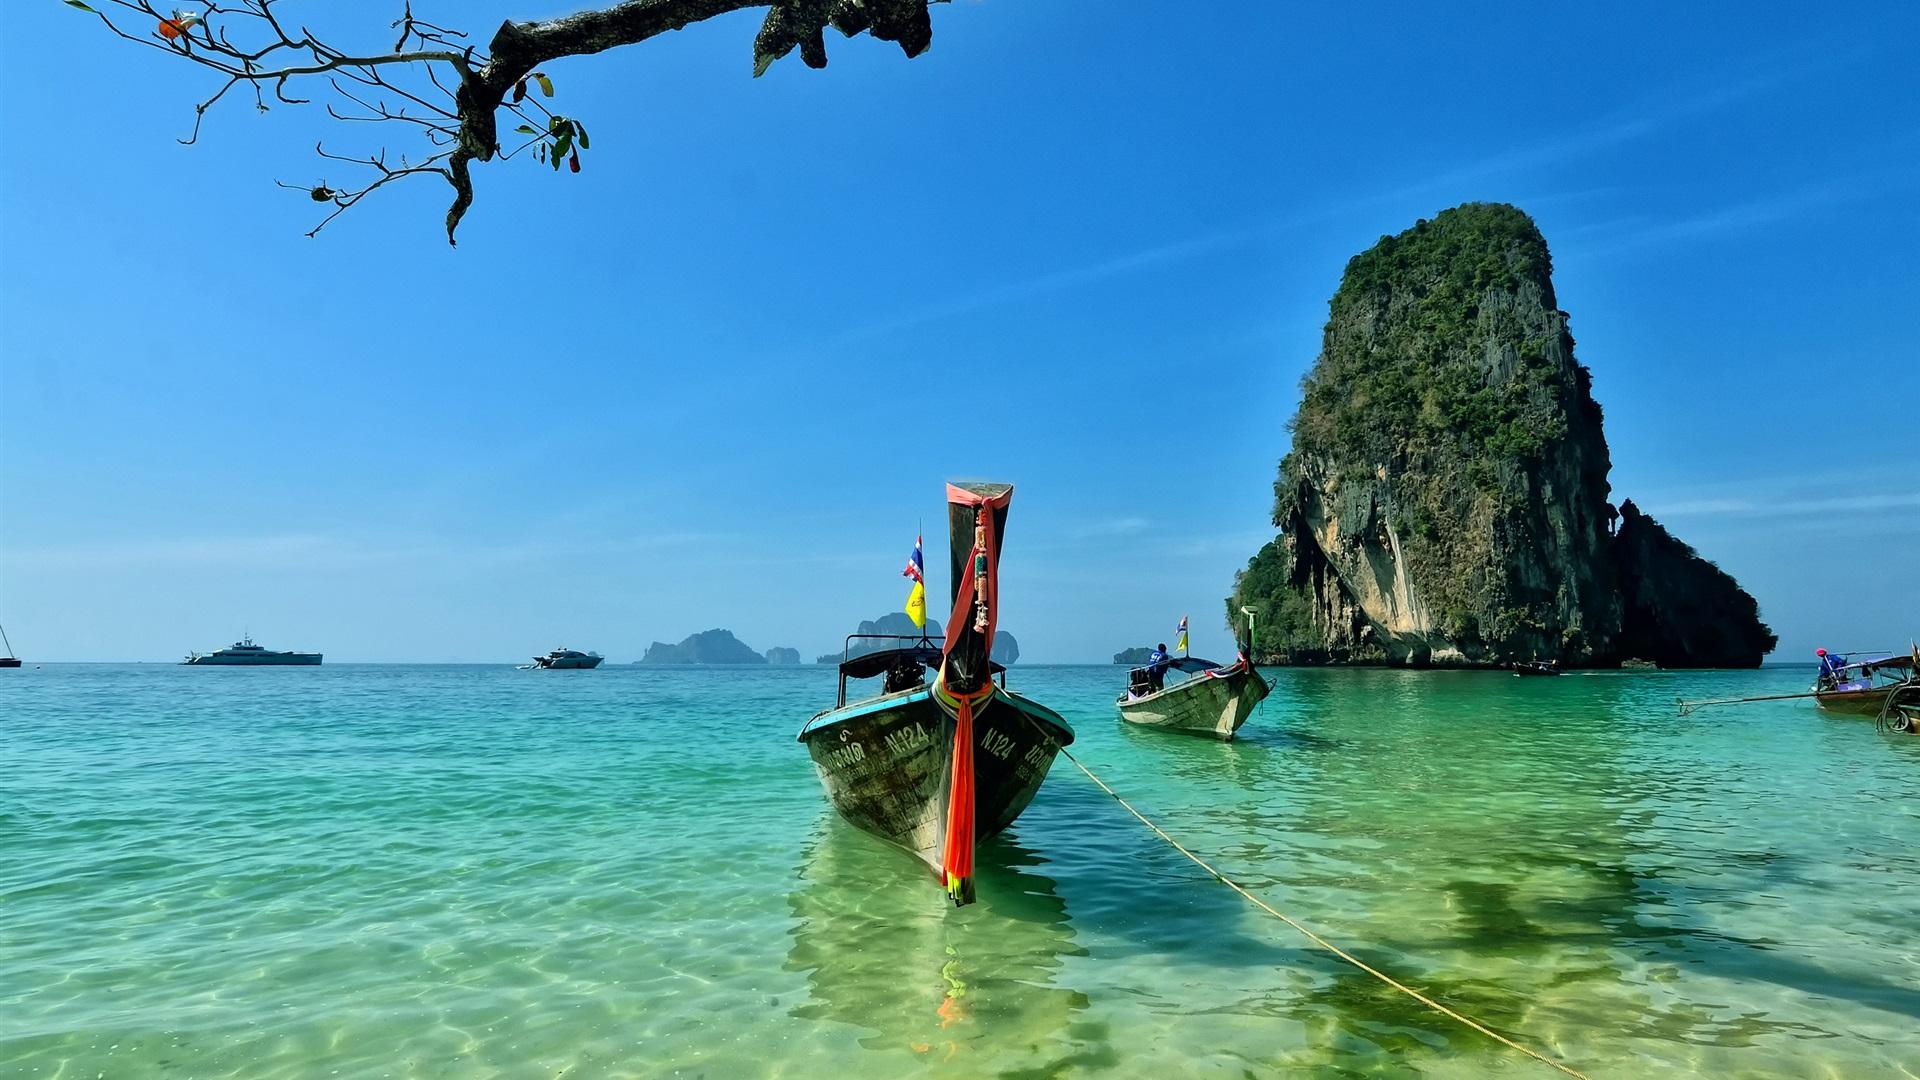 Красивые обои на рабочий стол тайланд